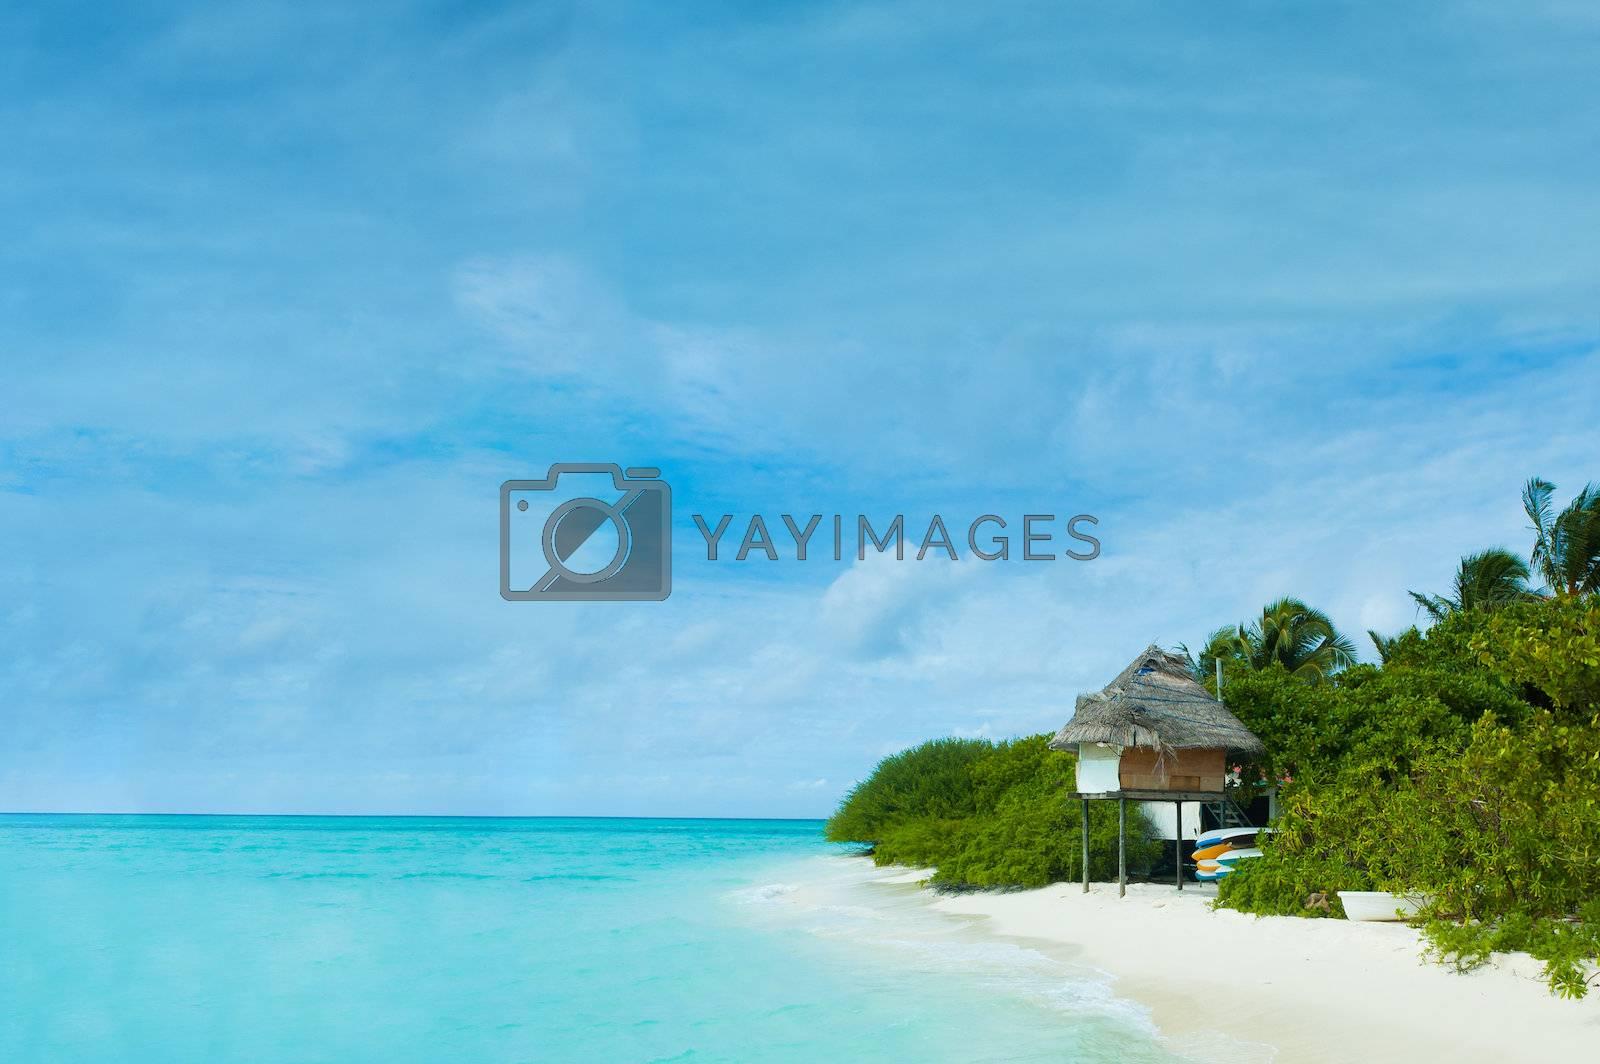 A hut in a tropical island